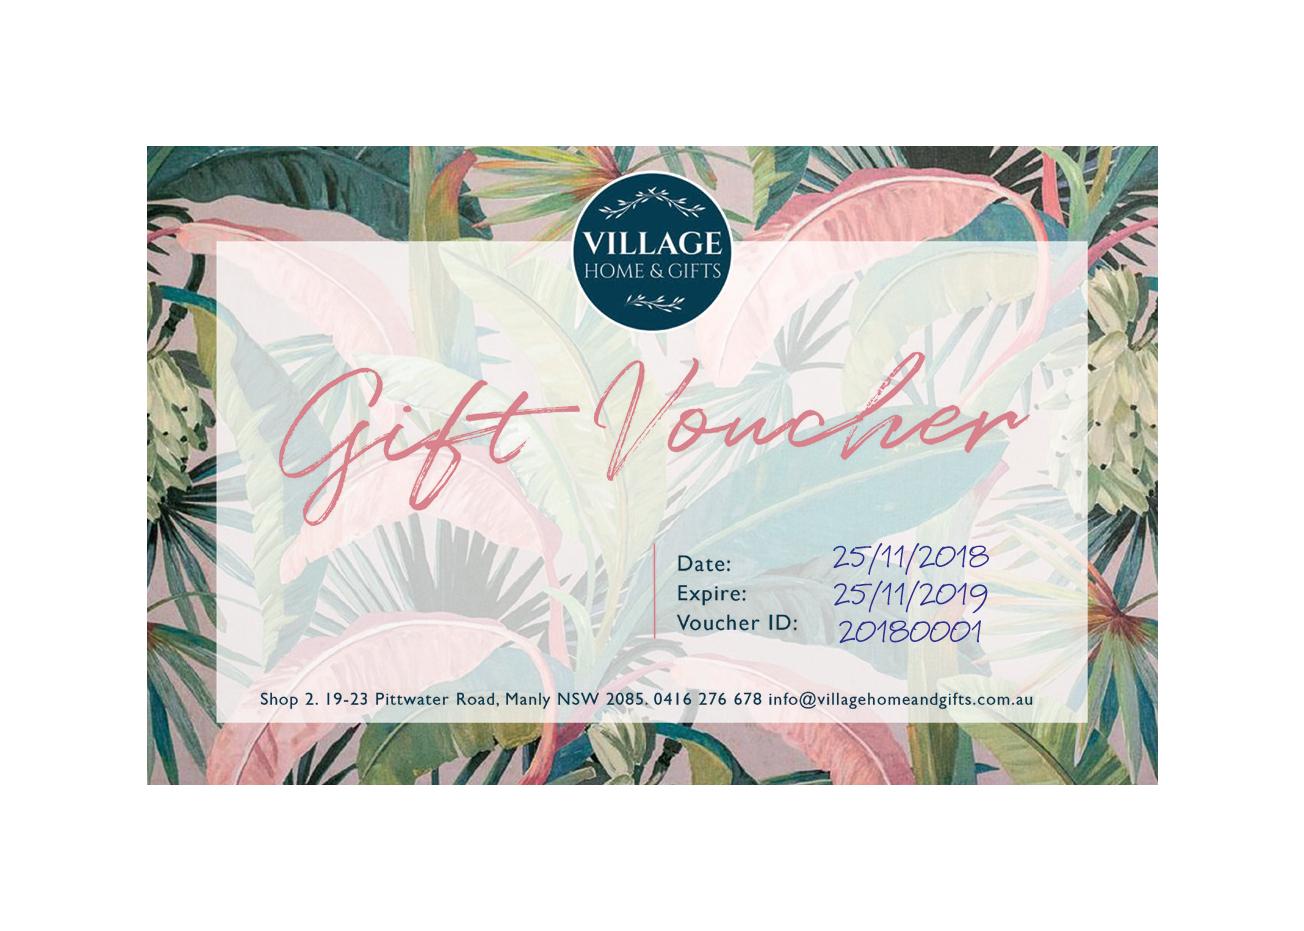 VILLAGE Home & Gifts - Gift VOUCHER